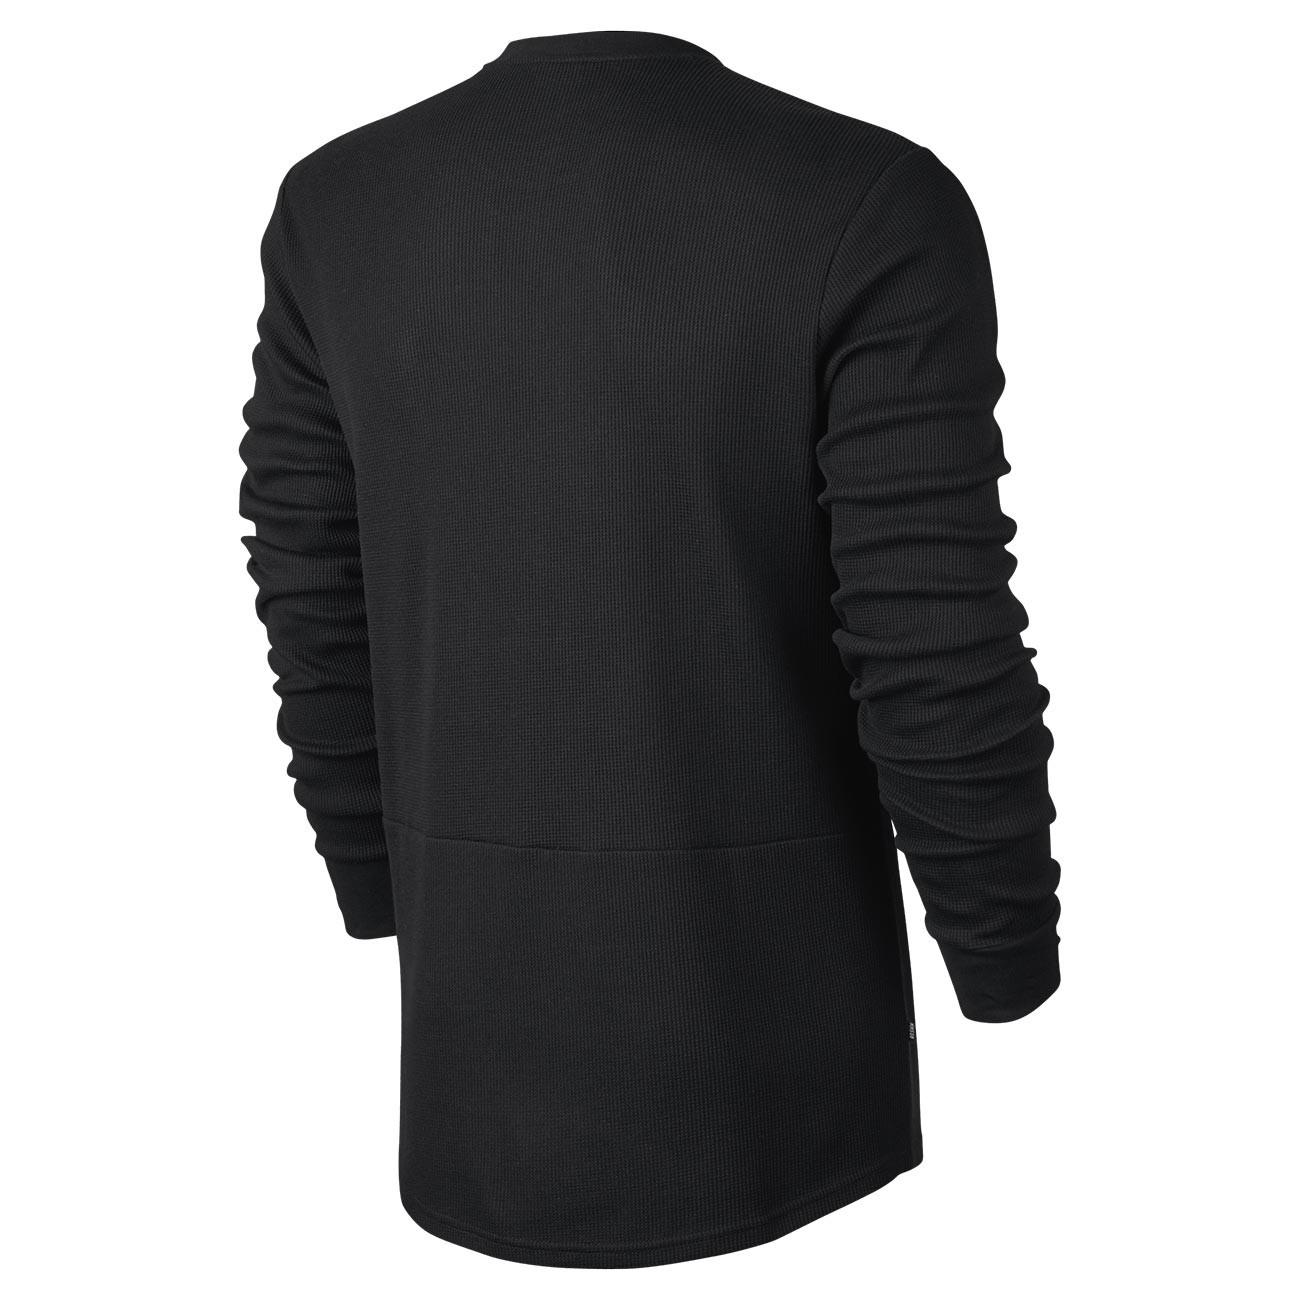 Hoodie Nike Sb Long Sleeve Thermal Black Black Snowboard